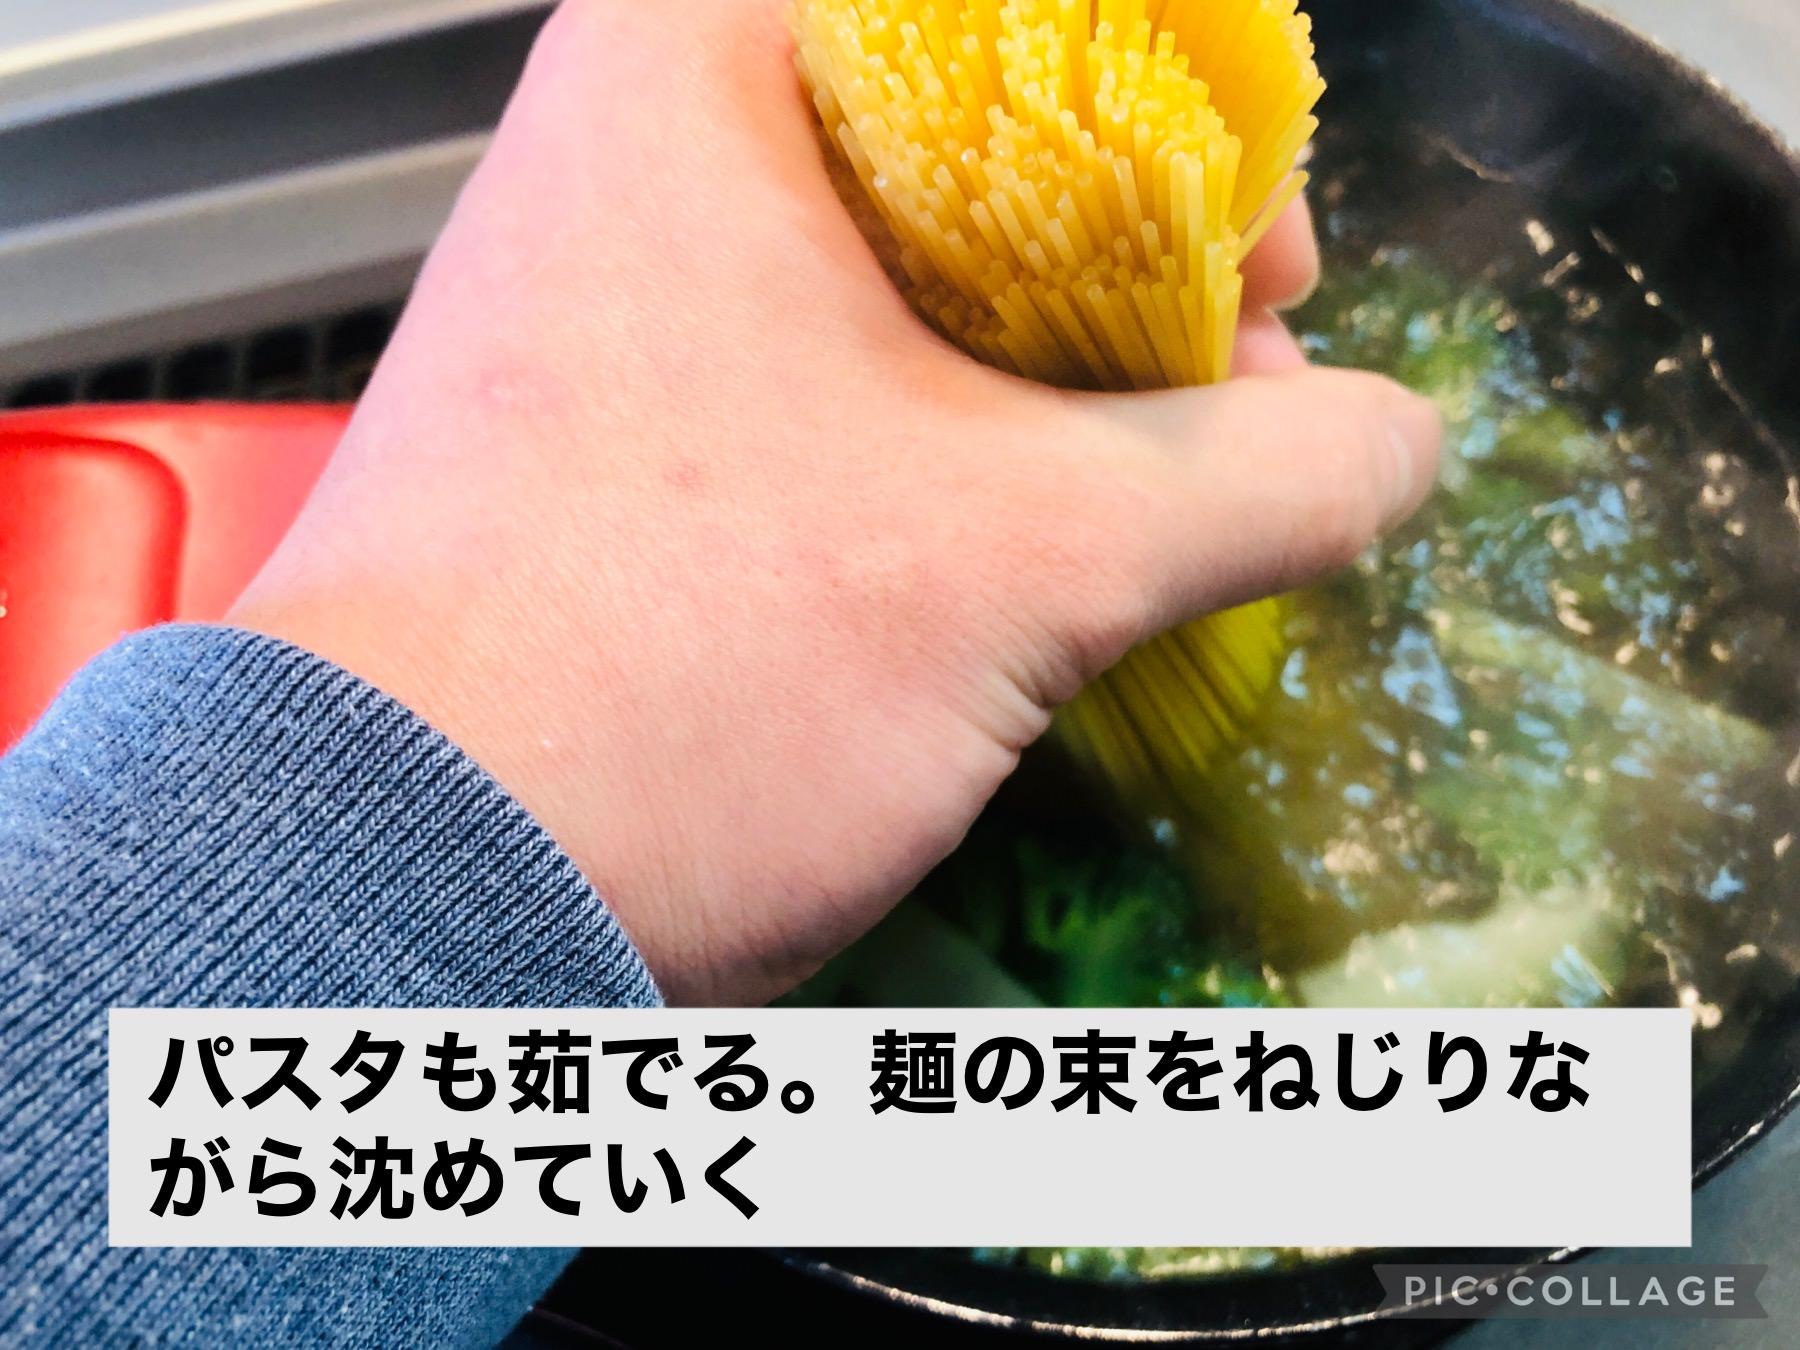 パスタの麺の束をブロッコリーを茹でている鍋にねじりながら入れている様子の画像です